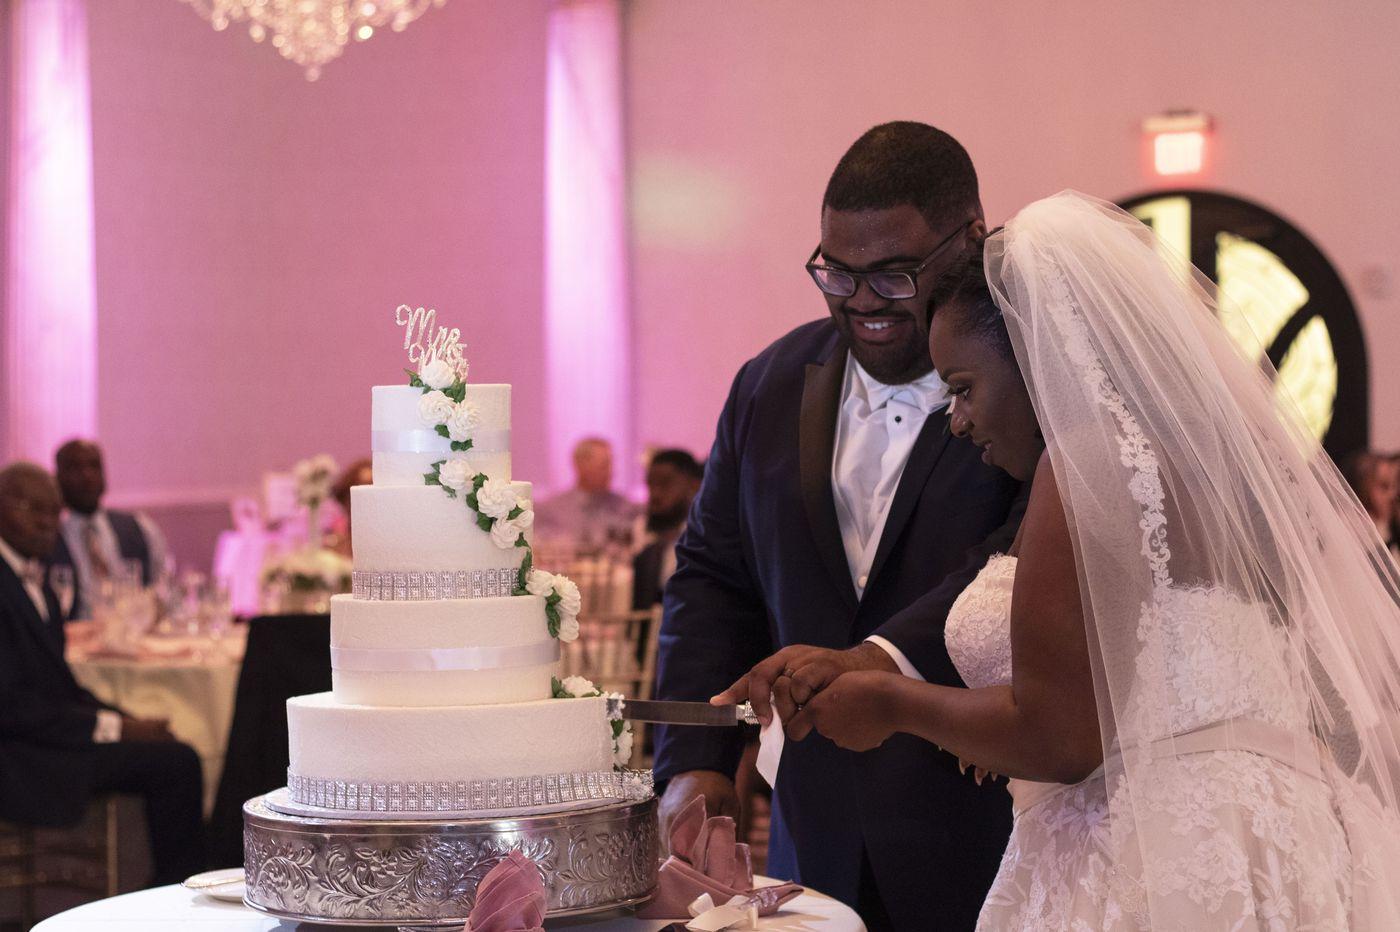 Philadelphia weddings: Shakeema Jones and Tyler Mapp